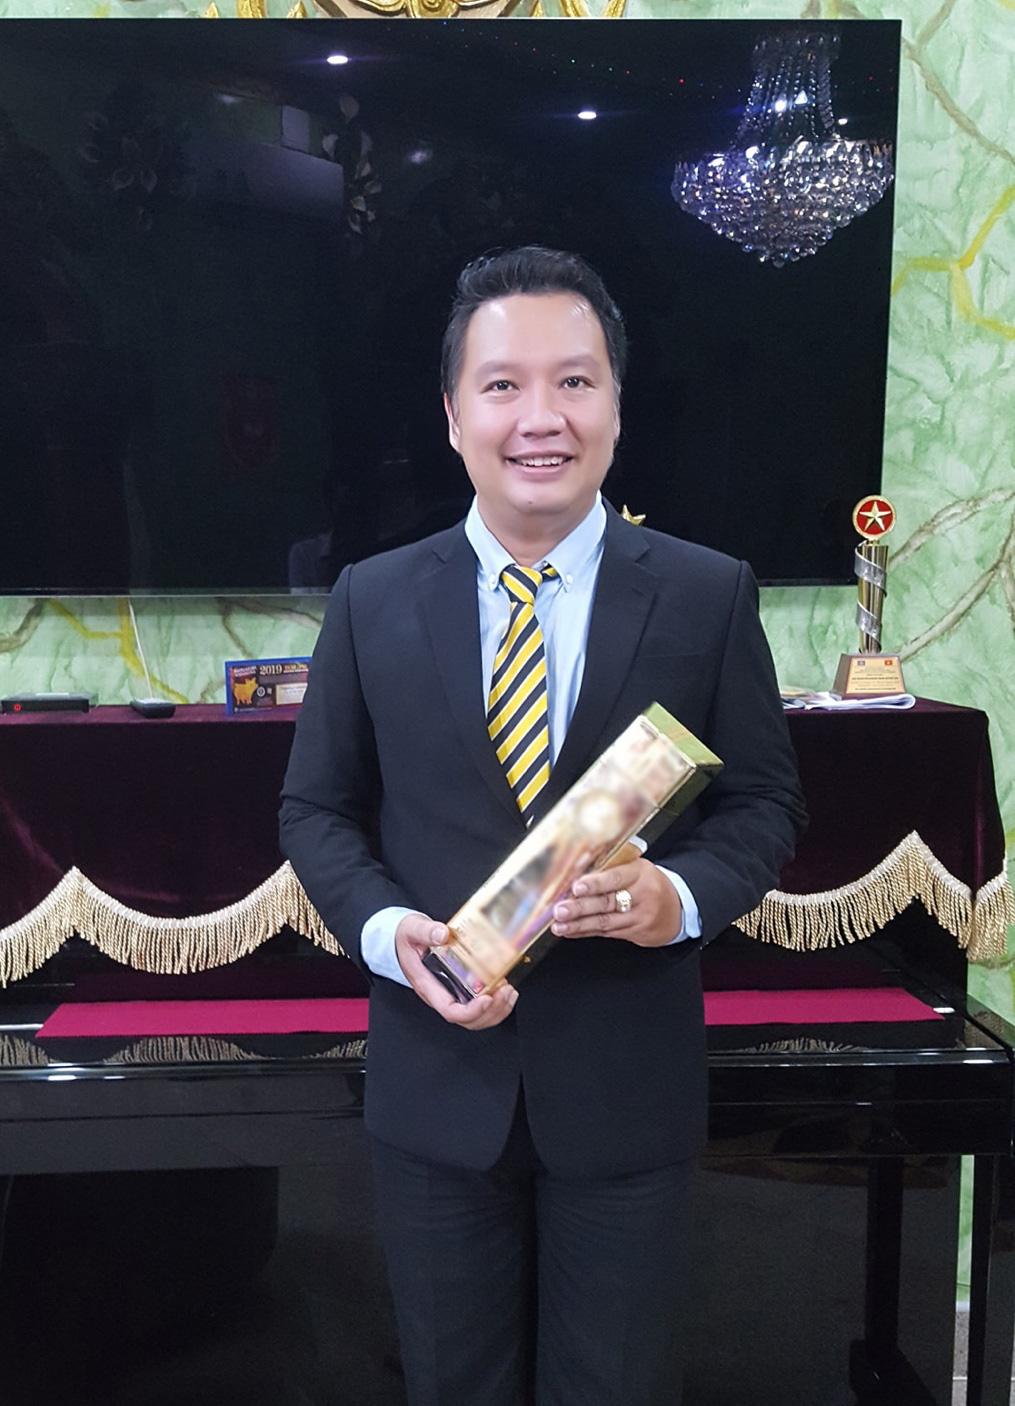 """HLV Hồ Thiện Vinh: Người thầy xì-tin, là """"idol"""" của nhiều thế hệ học trò - Ảnh 1."""